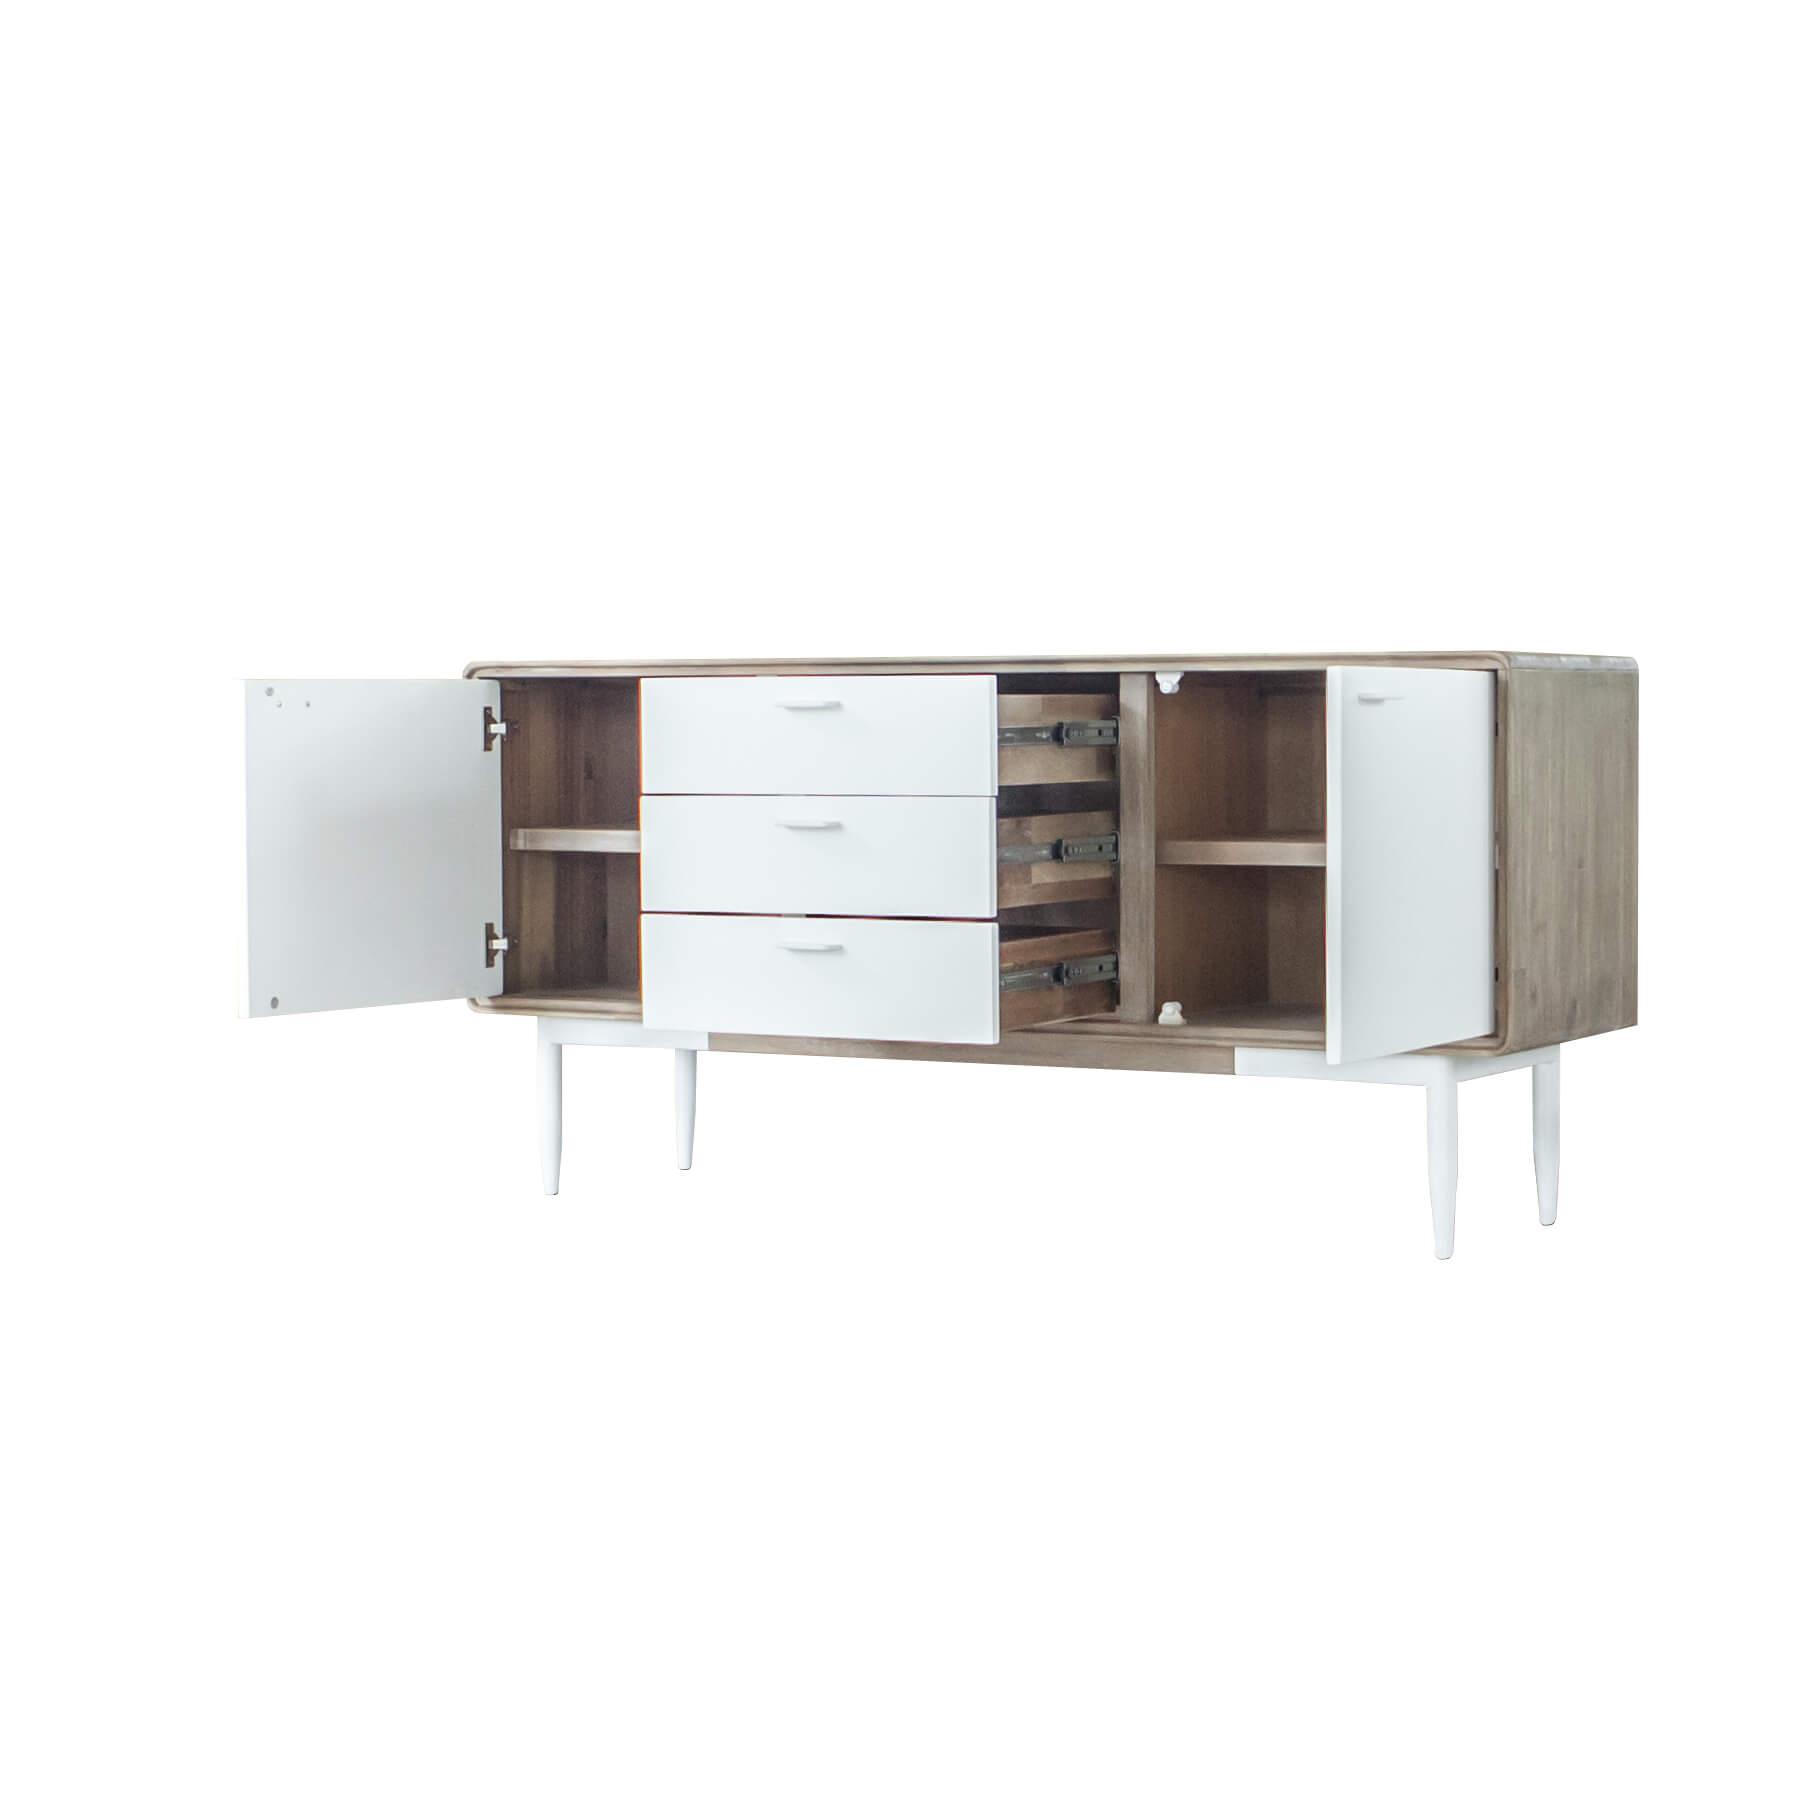 Aparador Florence, madeira de acácia/MDF lacado, 160x75